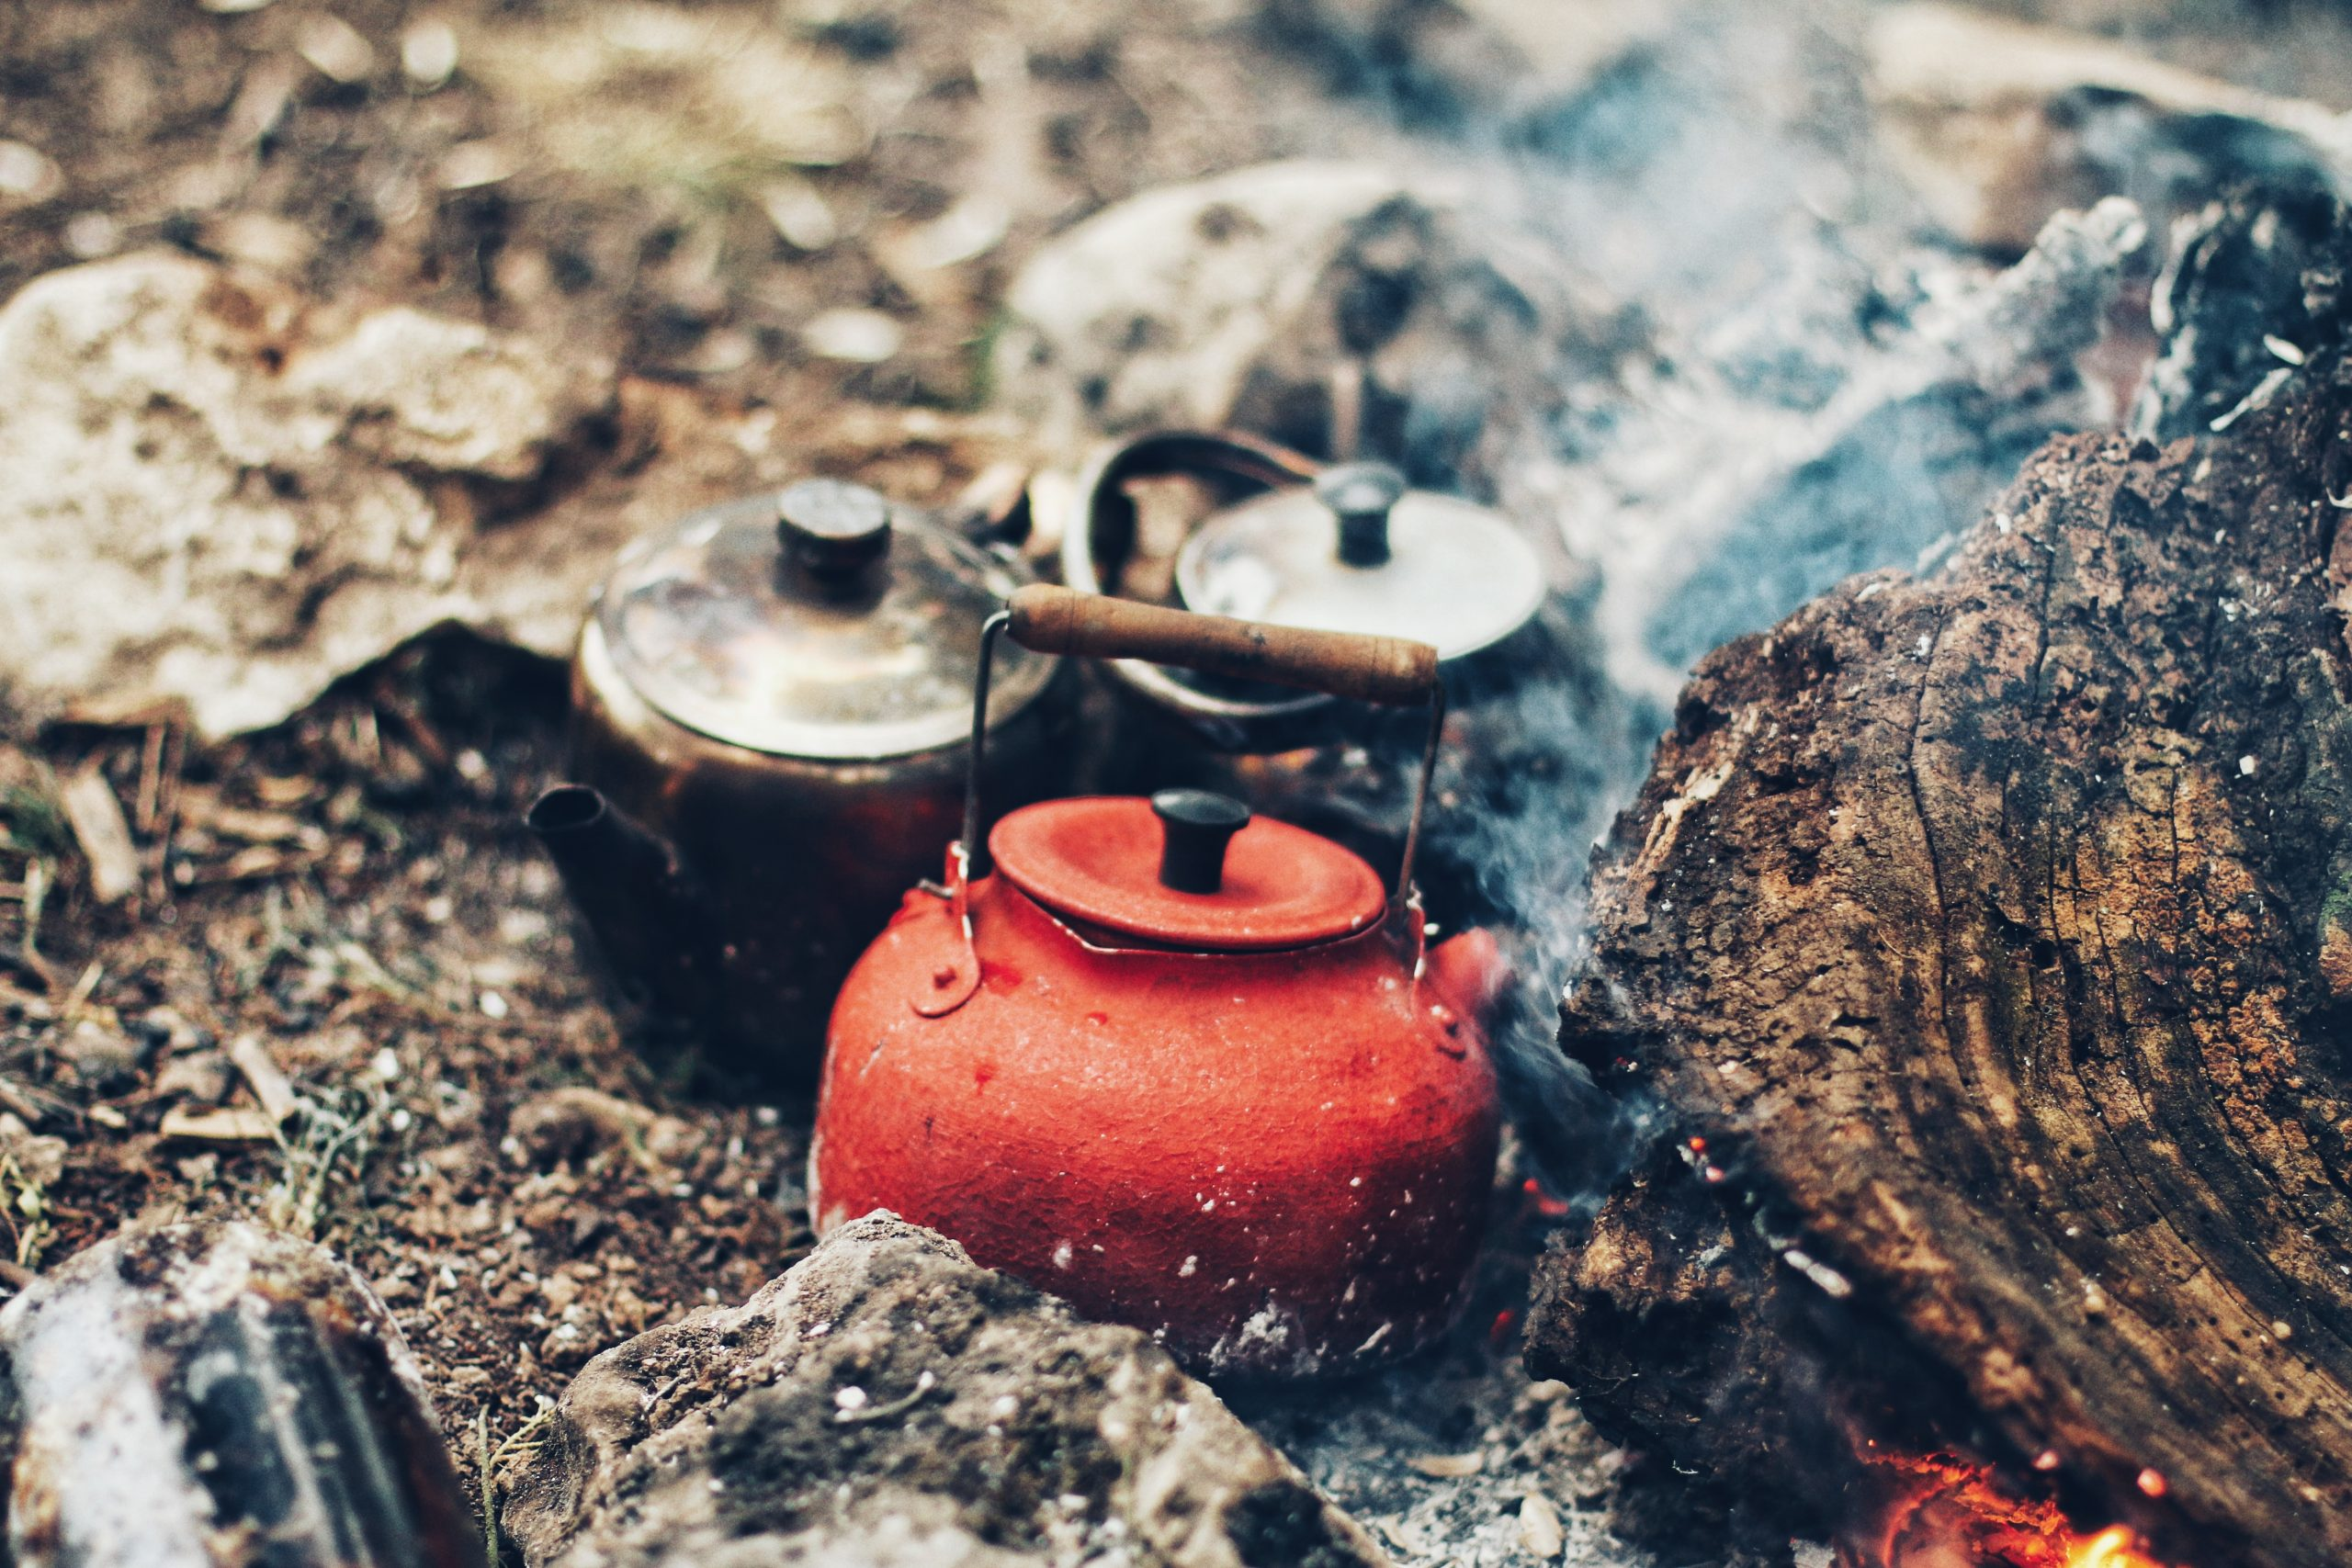 Water koken als methode om water te zuiveren